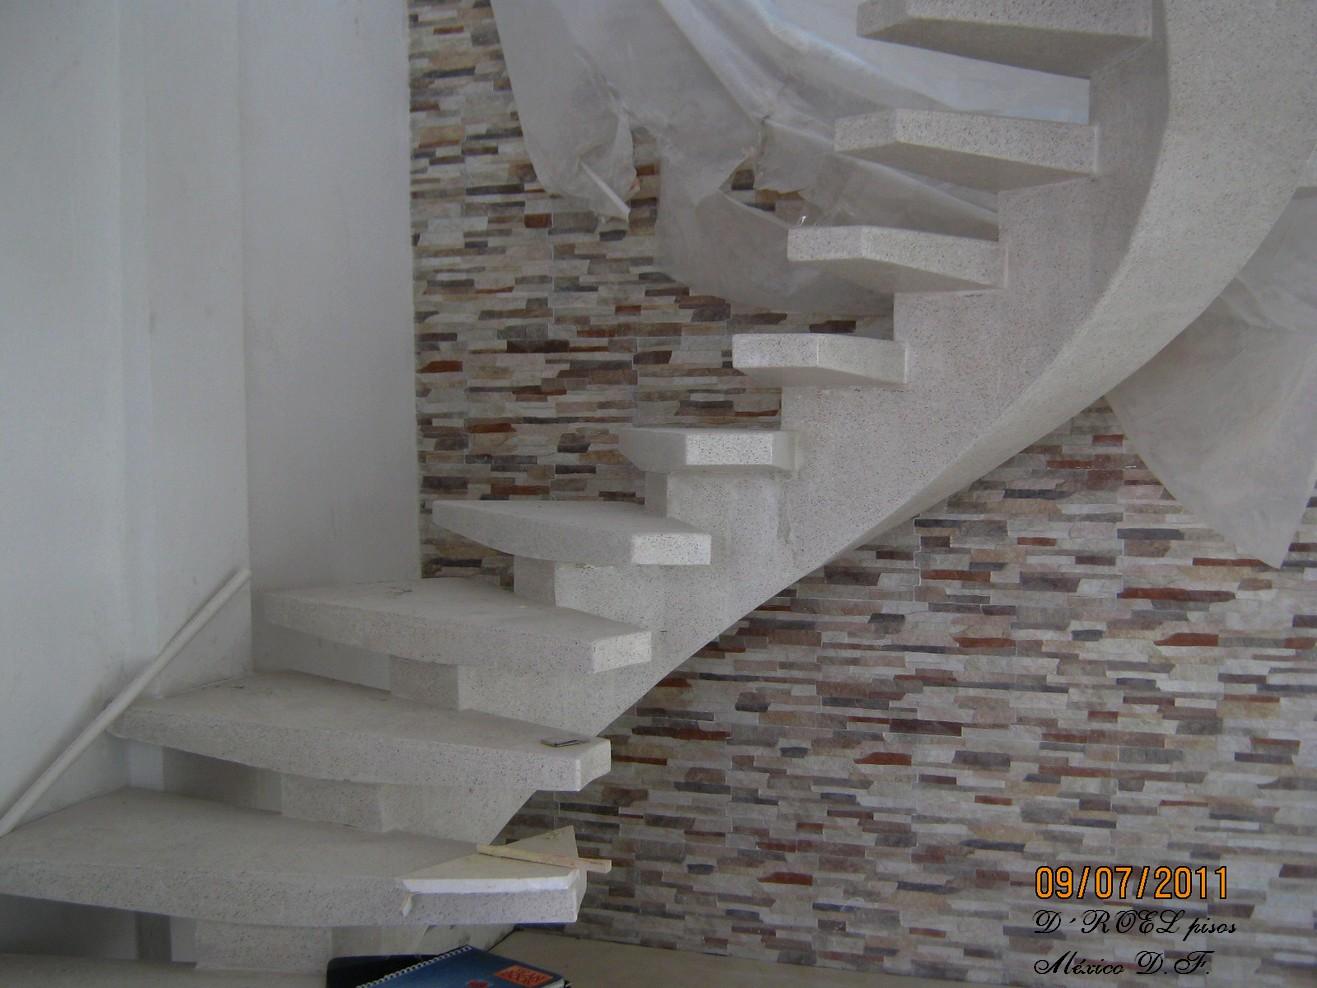 Droelpisosmexico escaleras for Escaleras de marmol y granito